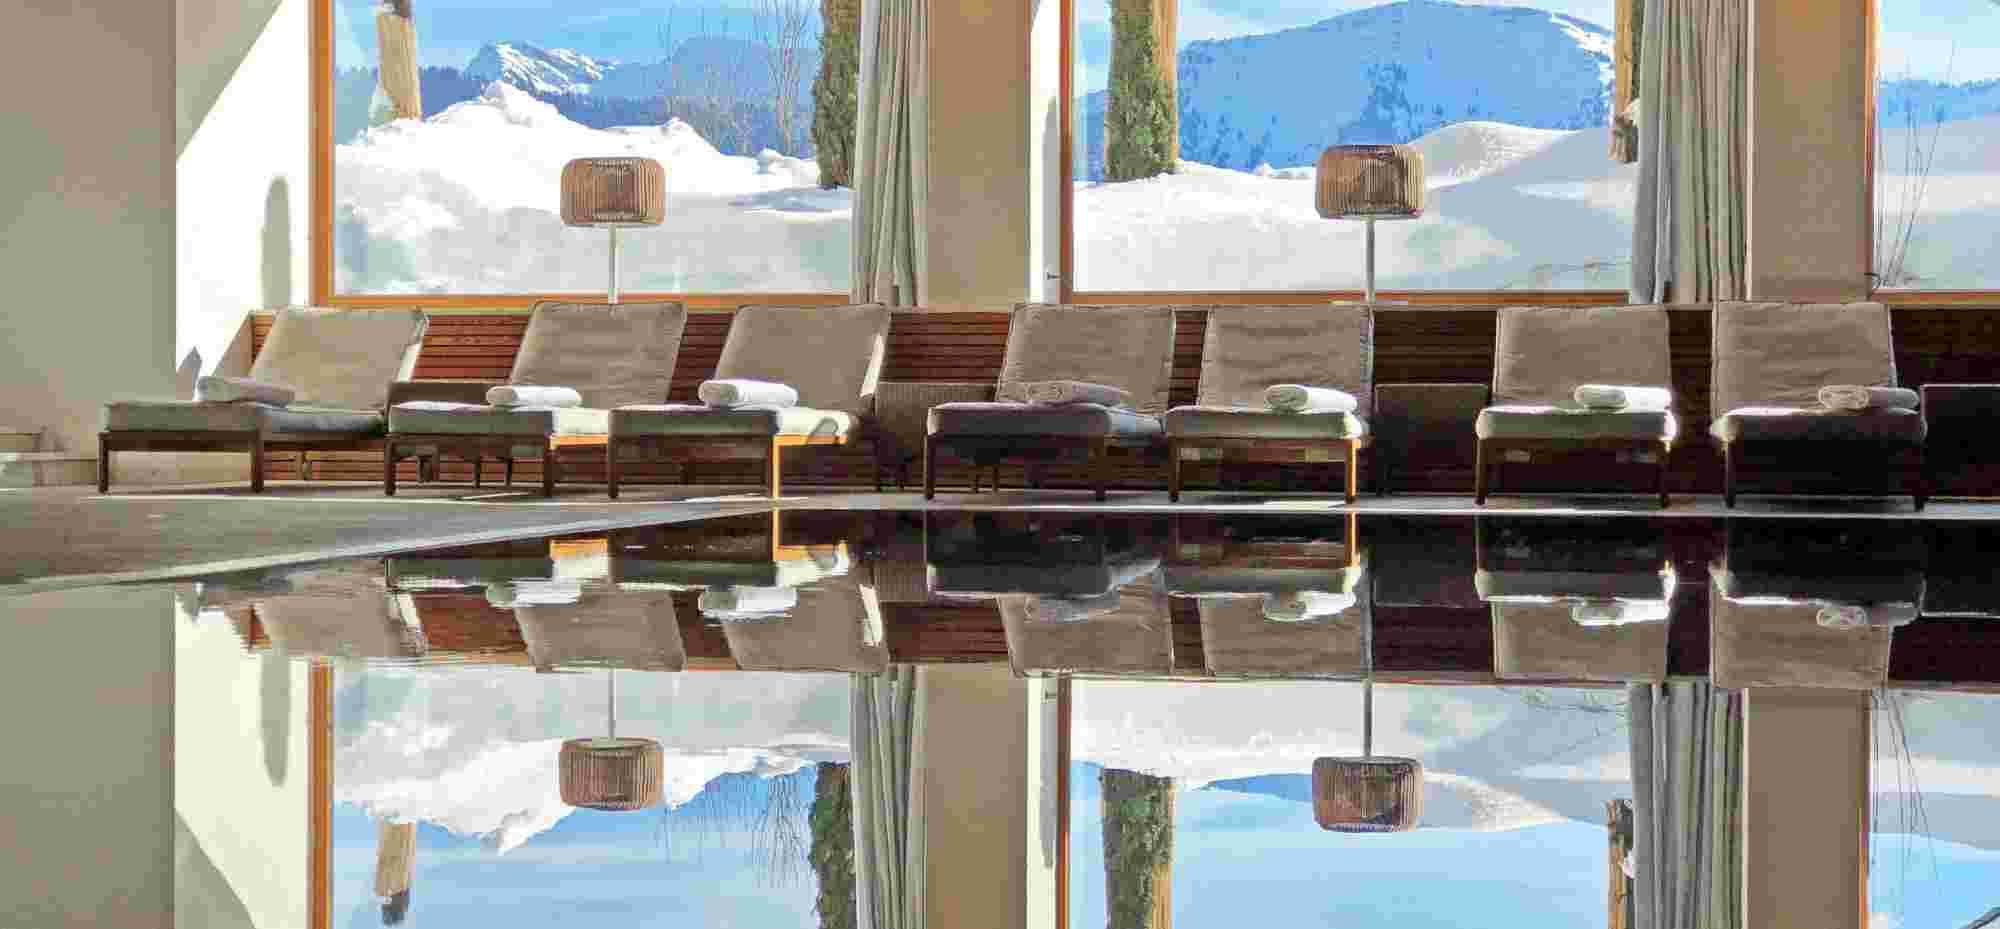 Innenpool, Wellnessbereich im Hotel Allgäu Sonne in Oberstaufen